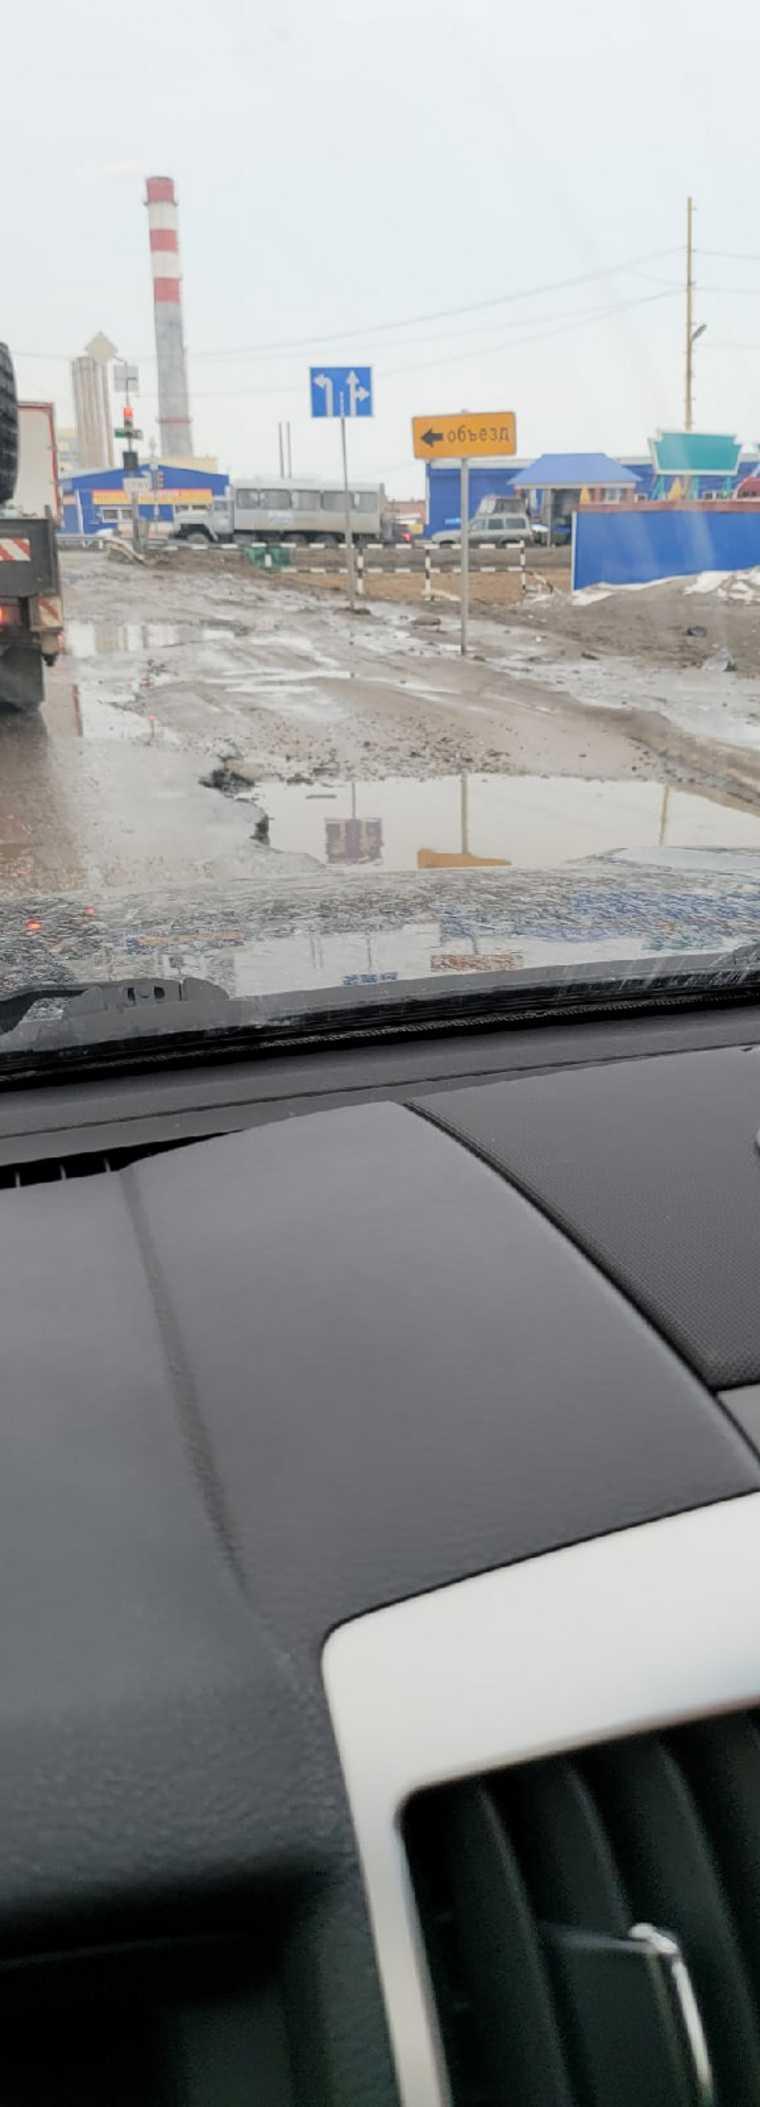 Через два дня после ремонта на дороге в ЯНАО образовались выбоины. Фото